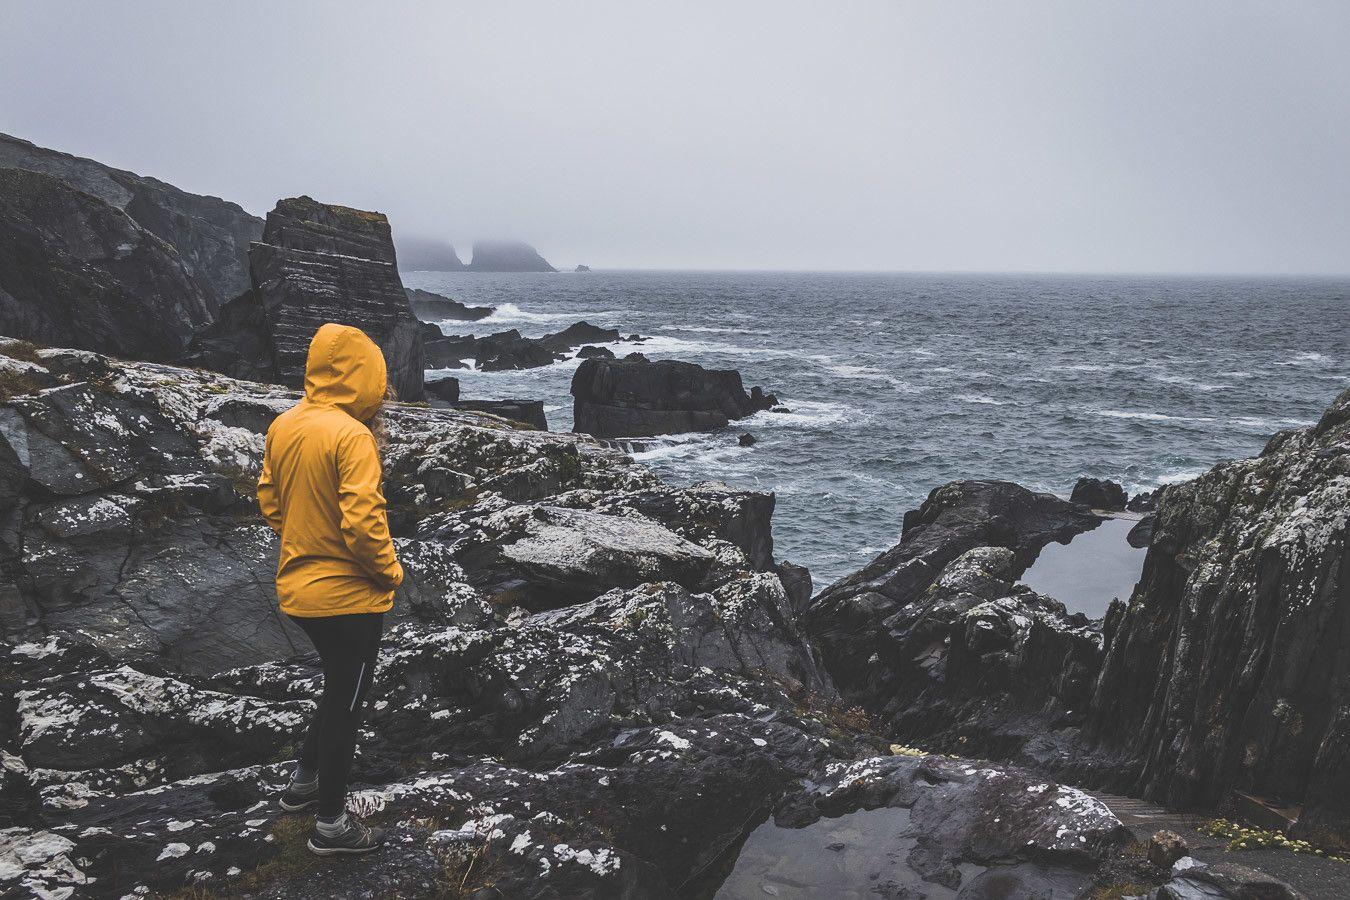 irlande temps pluvieux